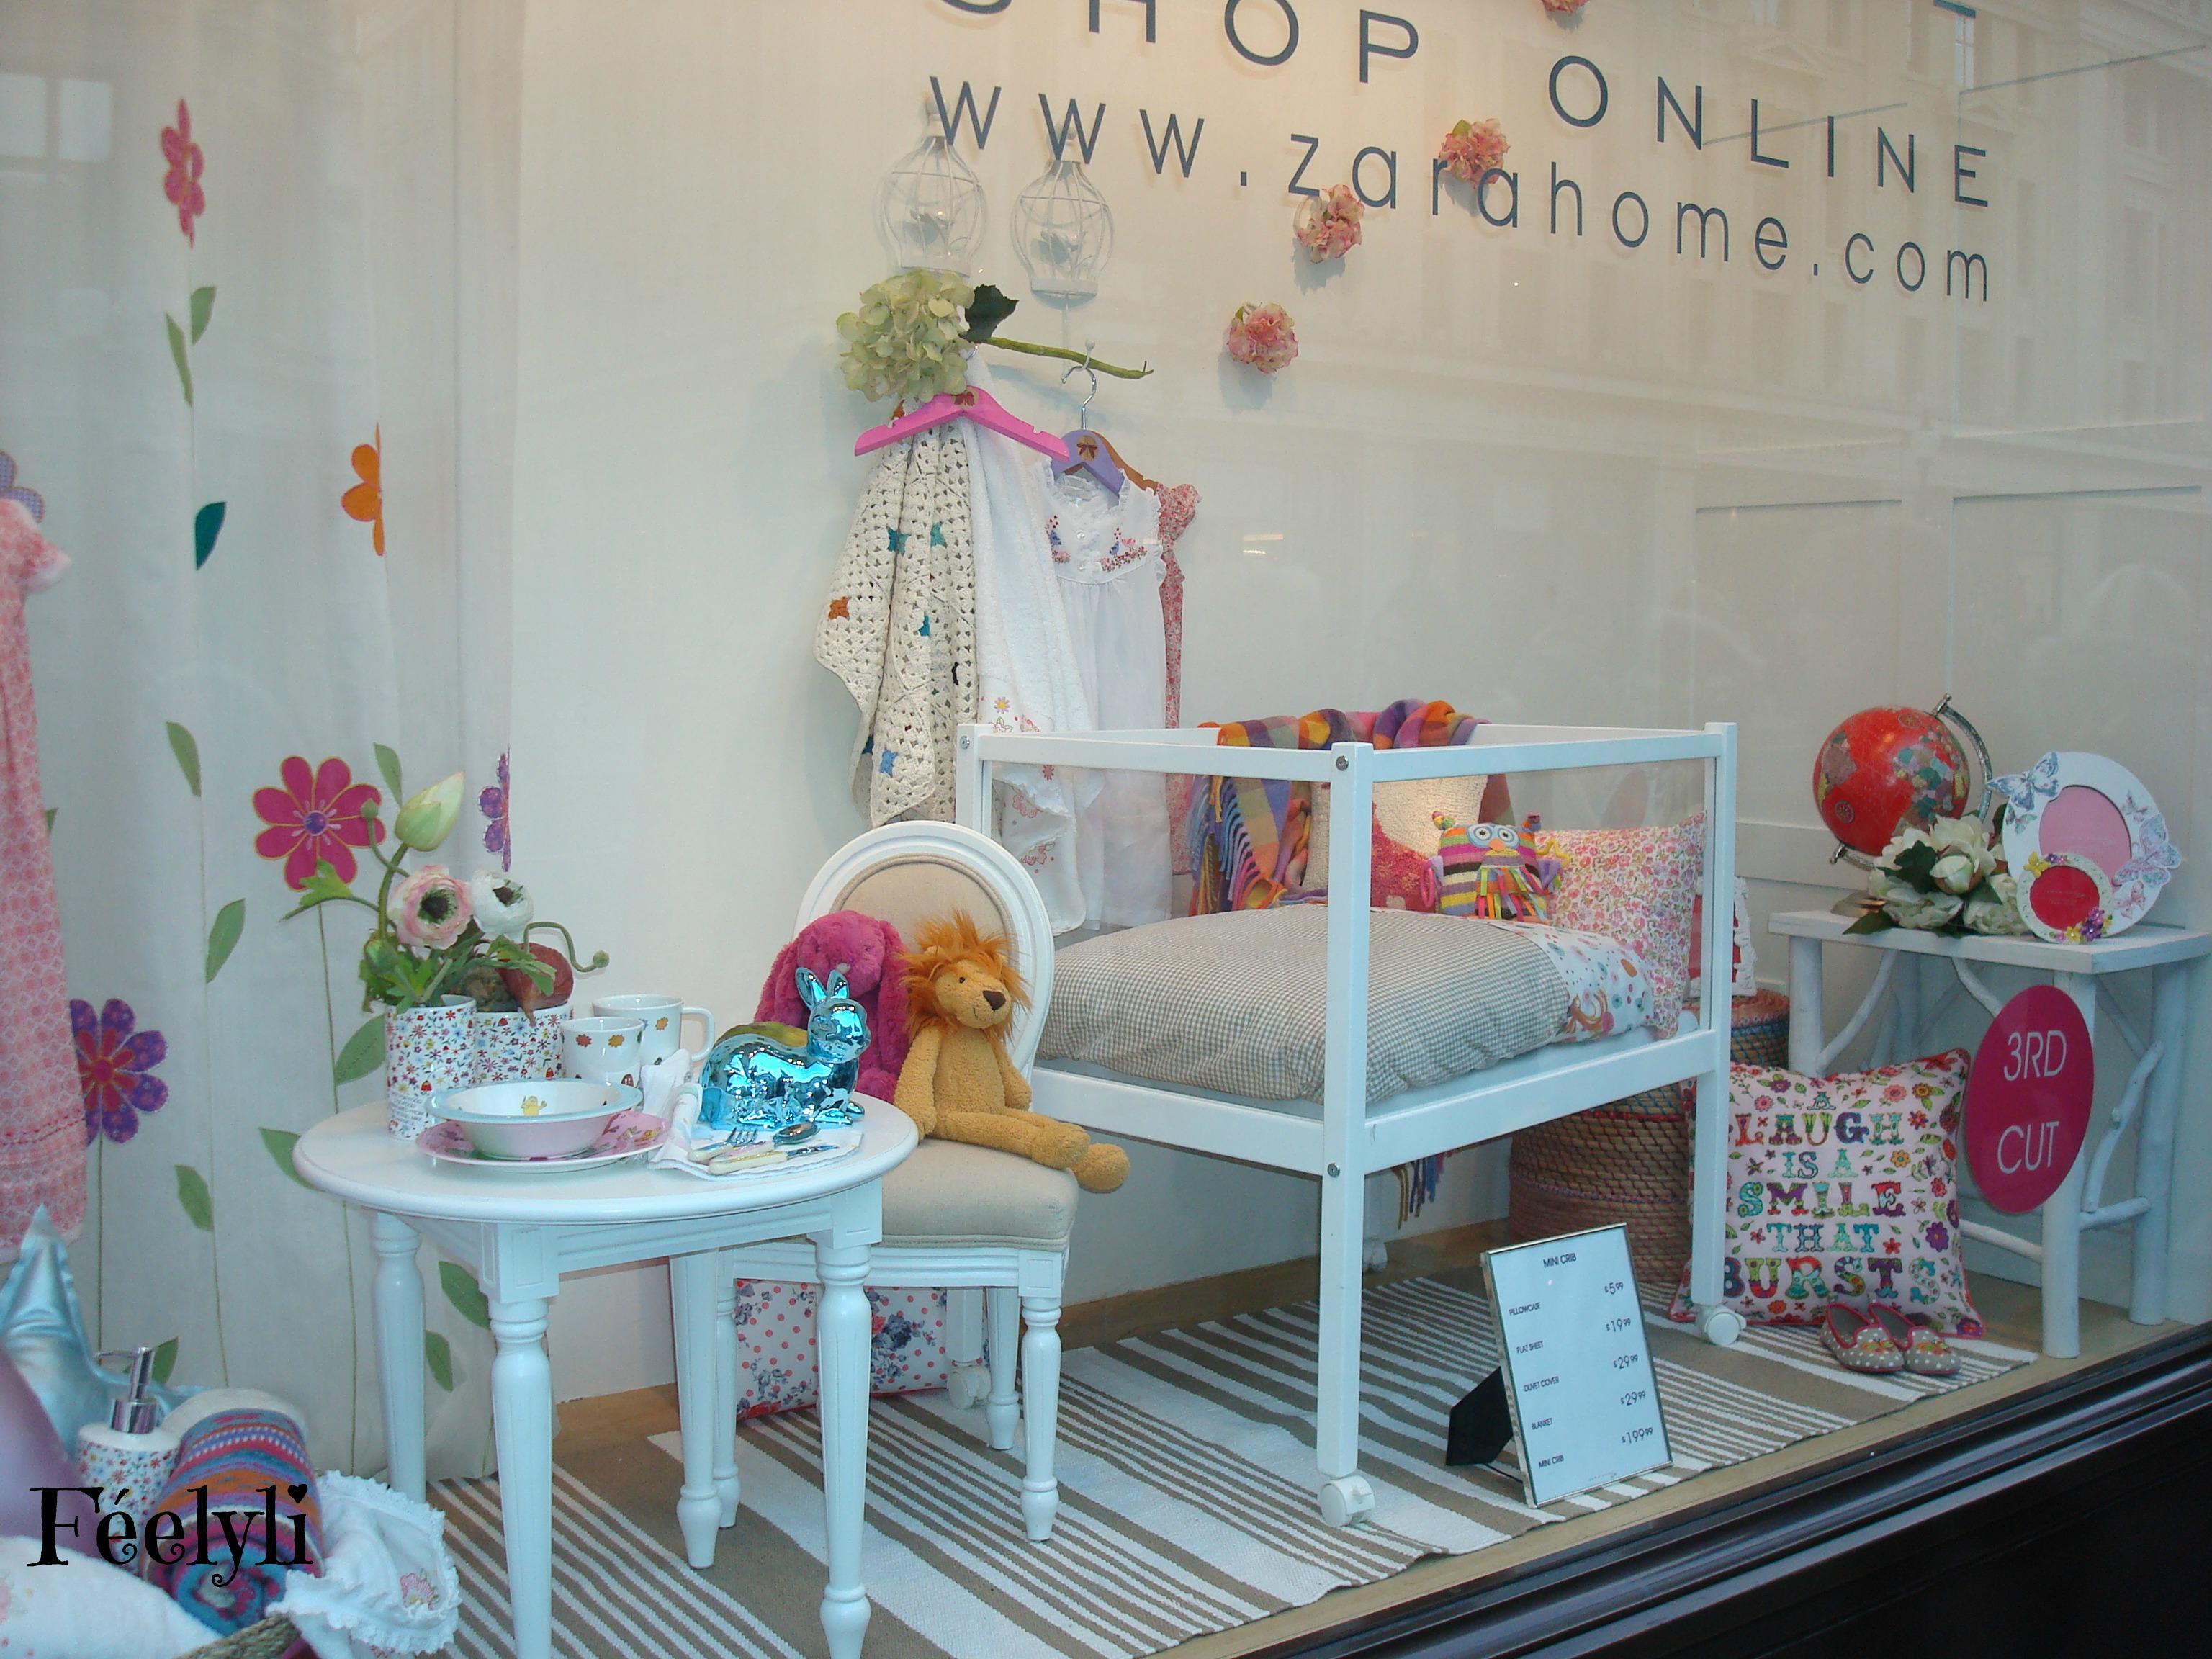 Decoration Chambre Enfant Zara Home Accueil Design Et Mobilier # Meuble Tv Zara Home